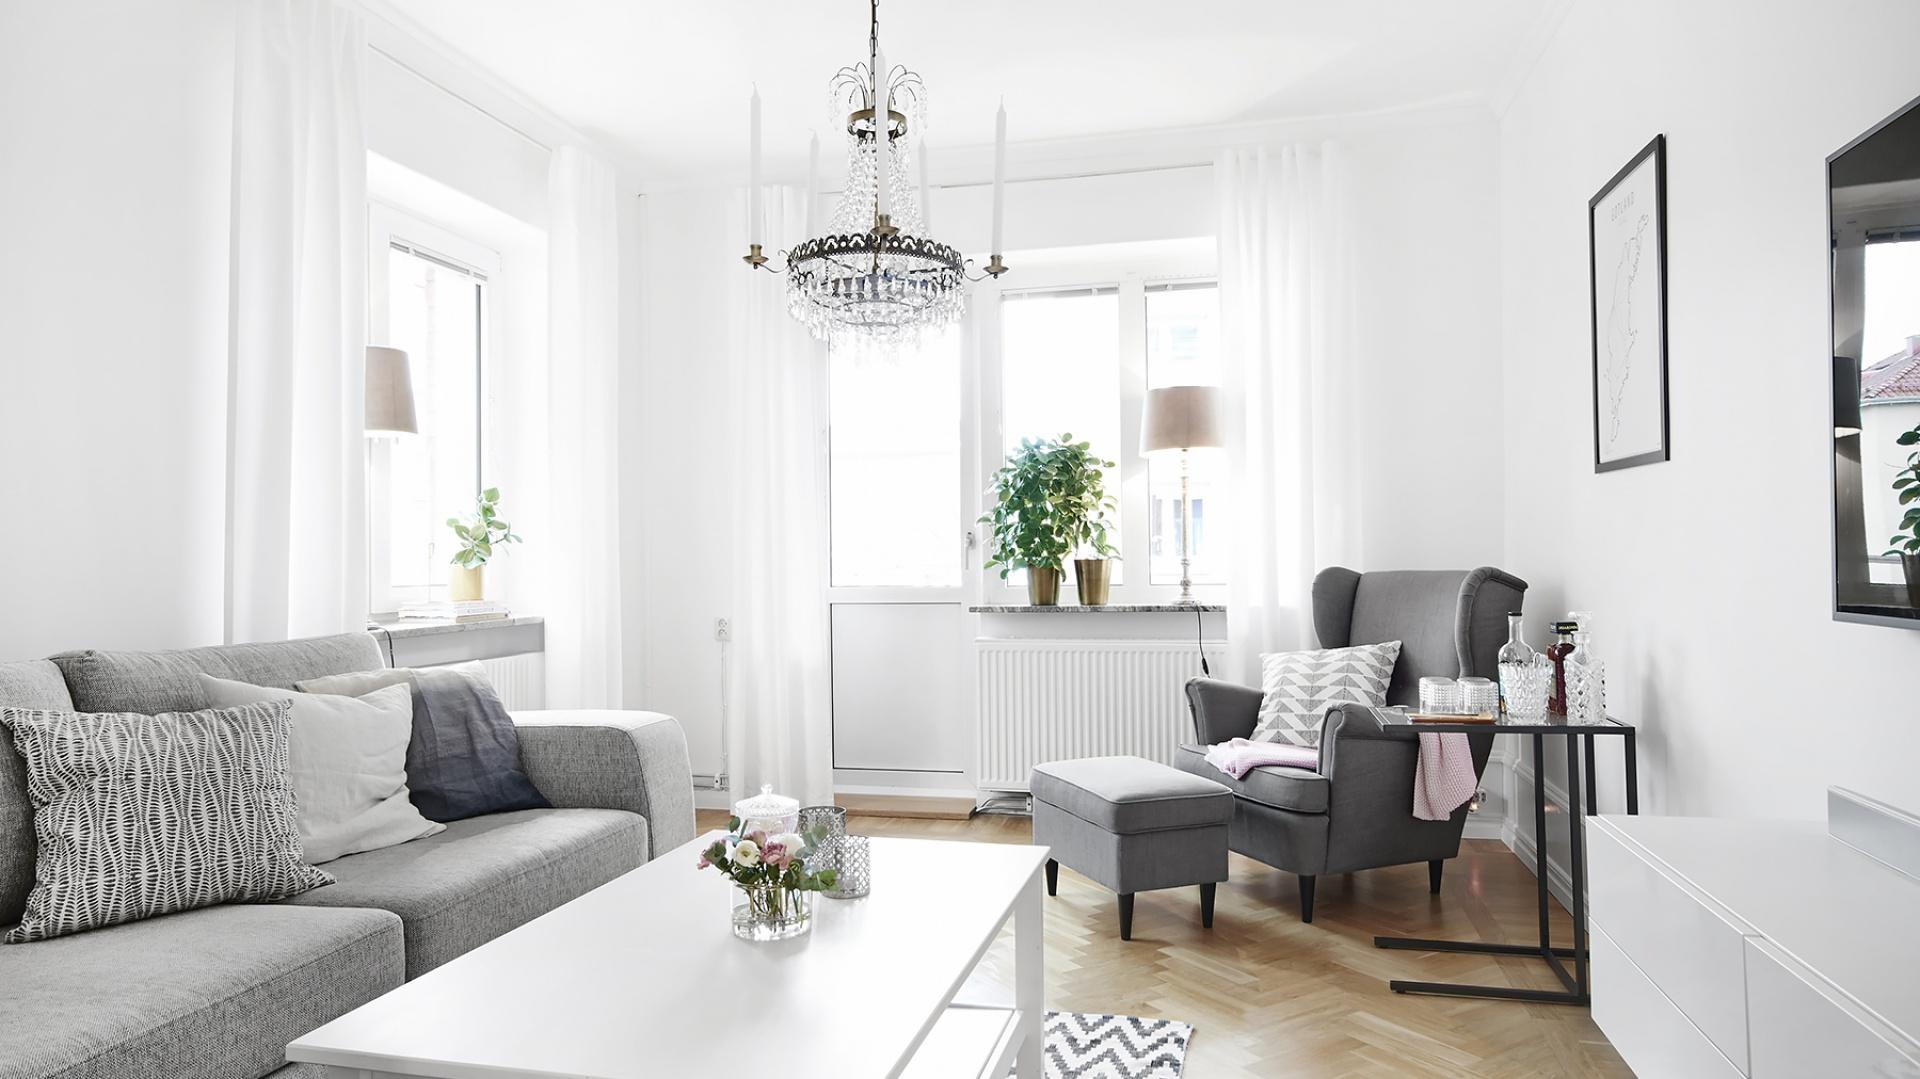 Salon z oknami wychodzącymi na południe jest rozświetlony naturalnym światłem, odbijającym się od pomalowanych na biało ścian. Królowanie bieli równoważą szarości i drewno na podłodze. Fot. Vastanhem.se.